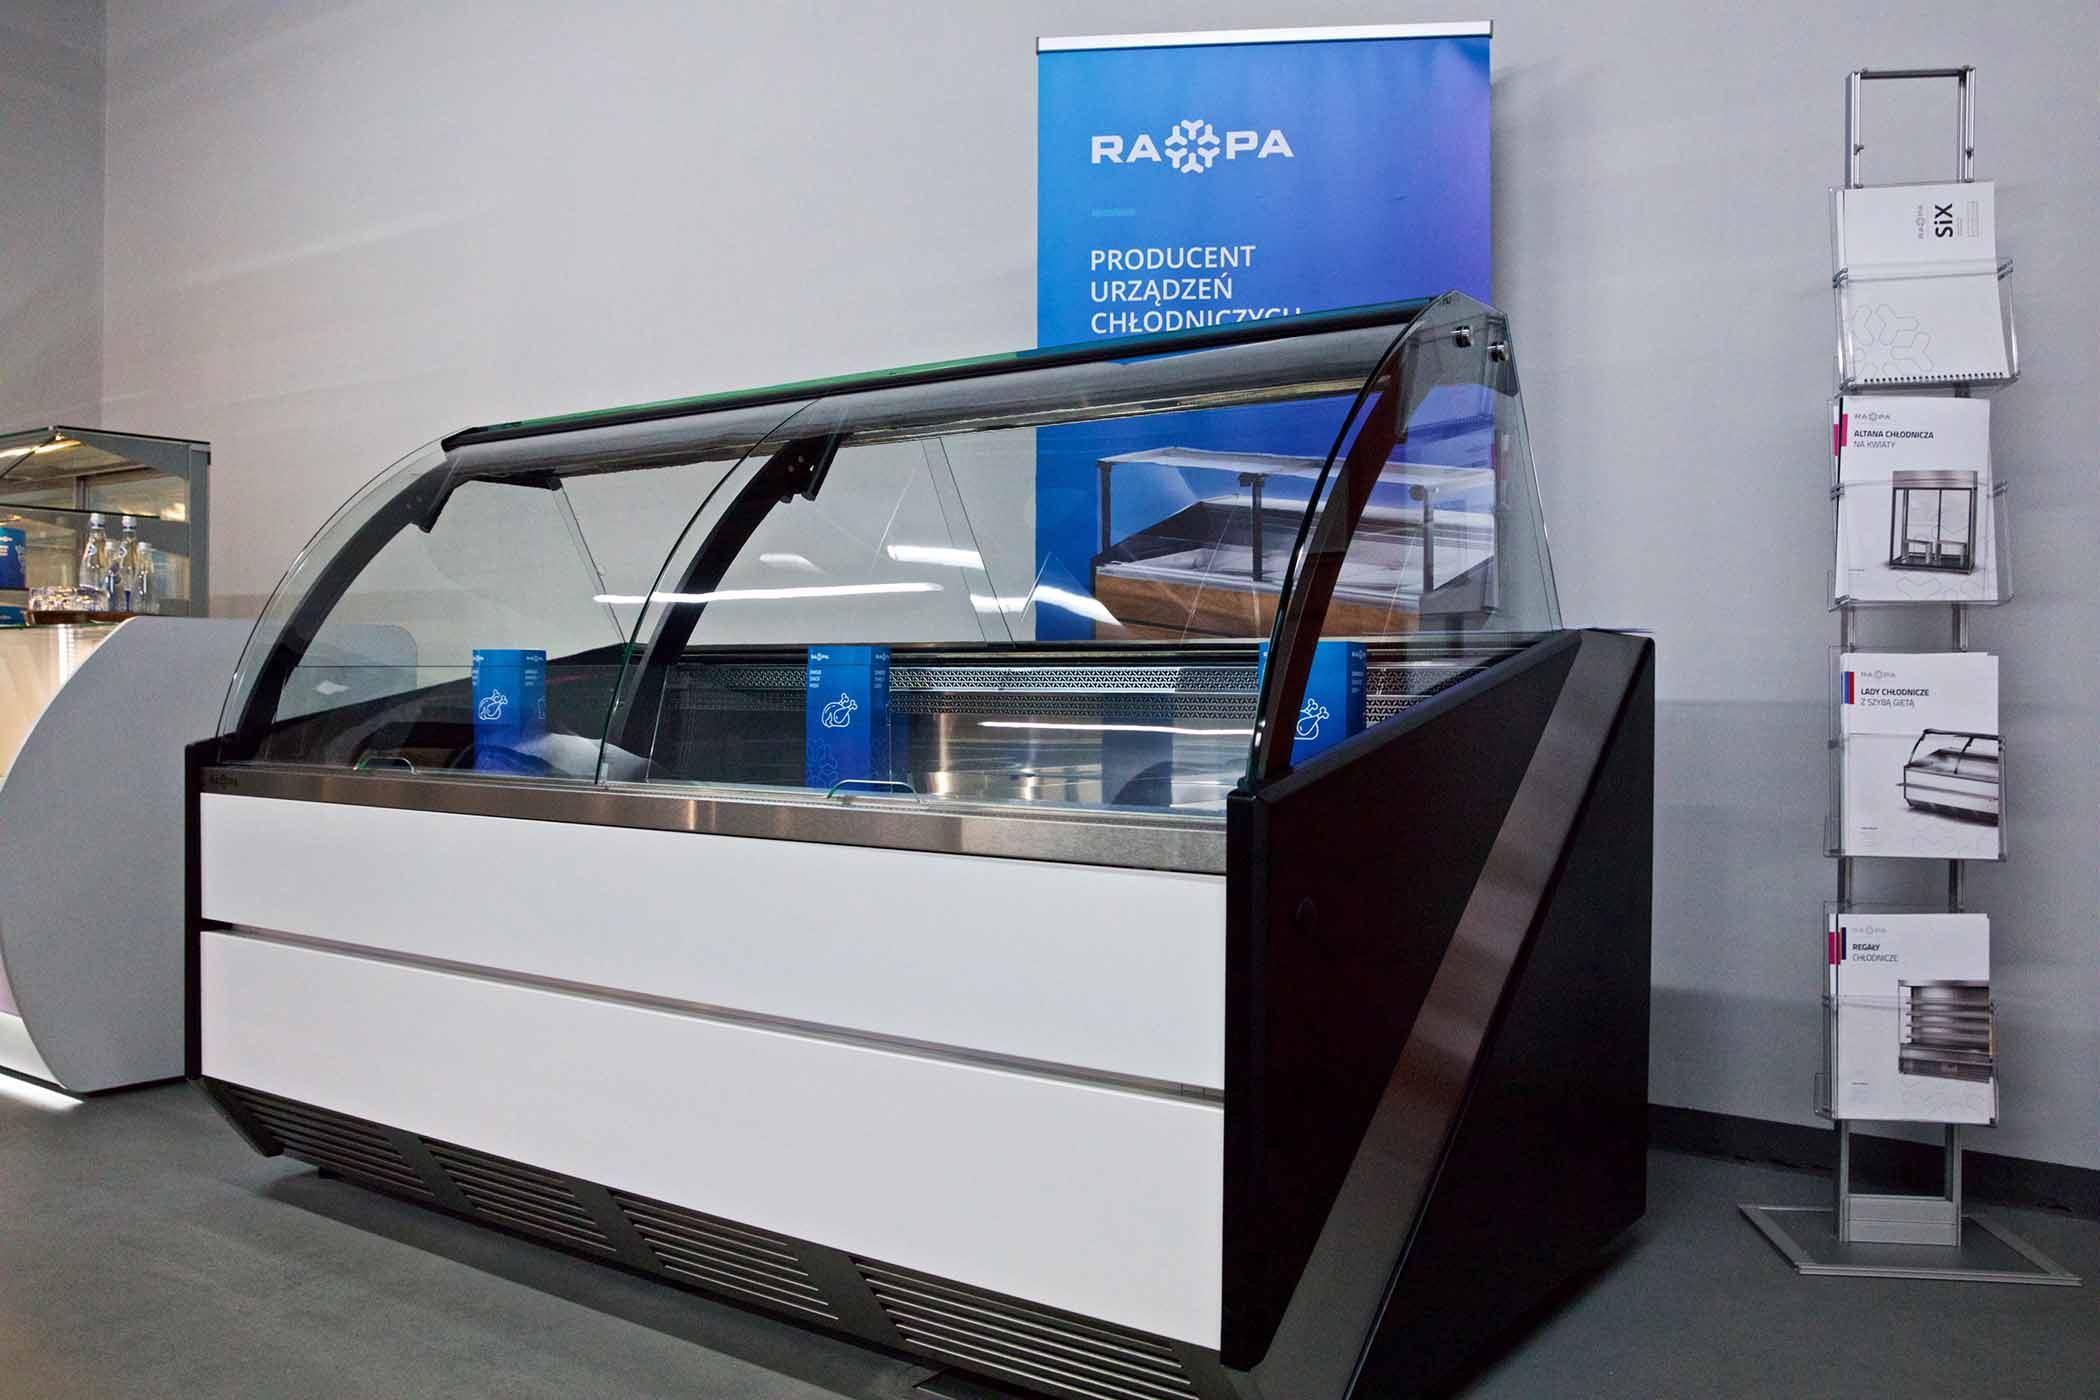 Strategia wzornicza firmy RAPA - modułowe lady chłodnicze